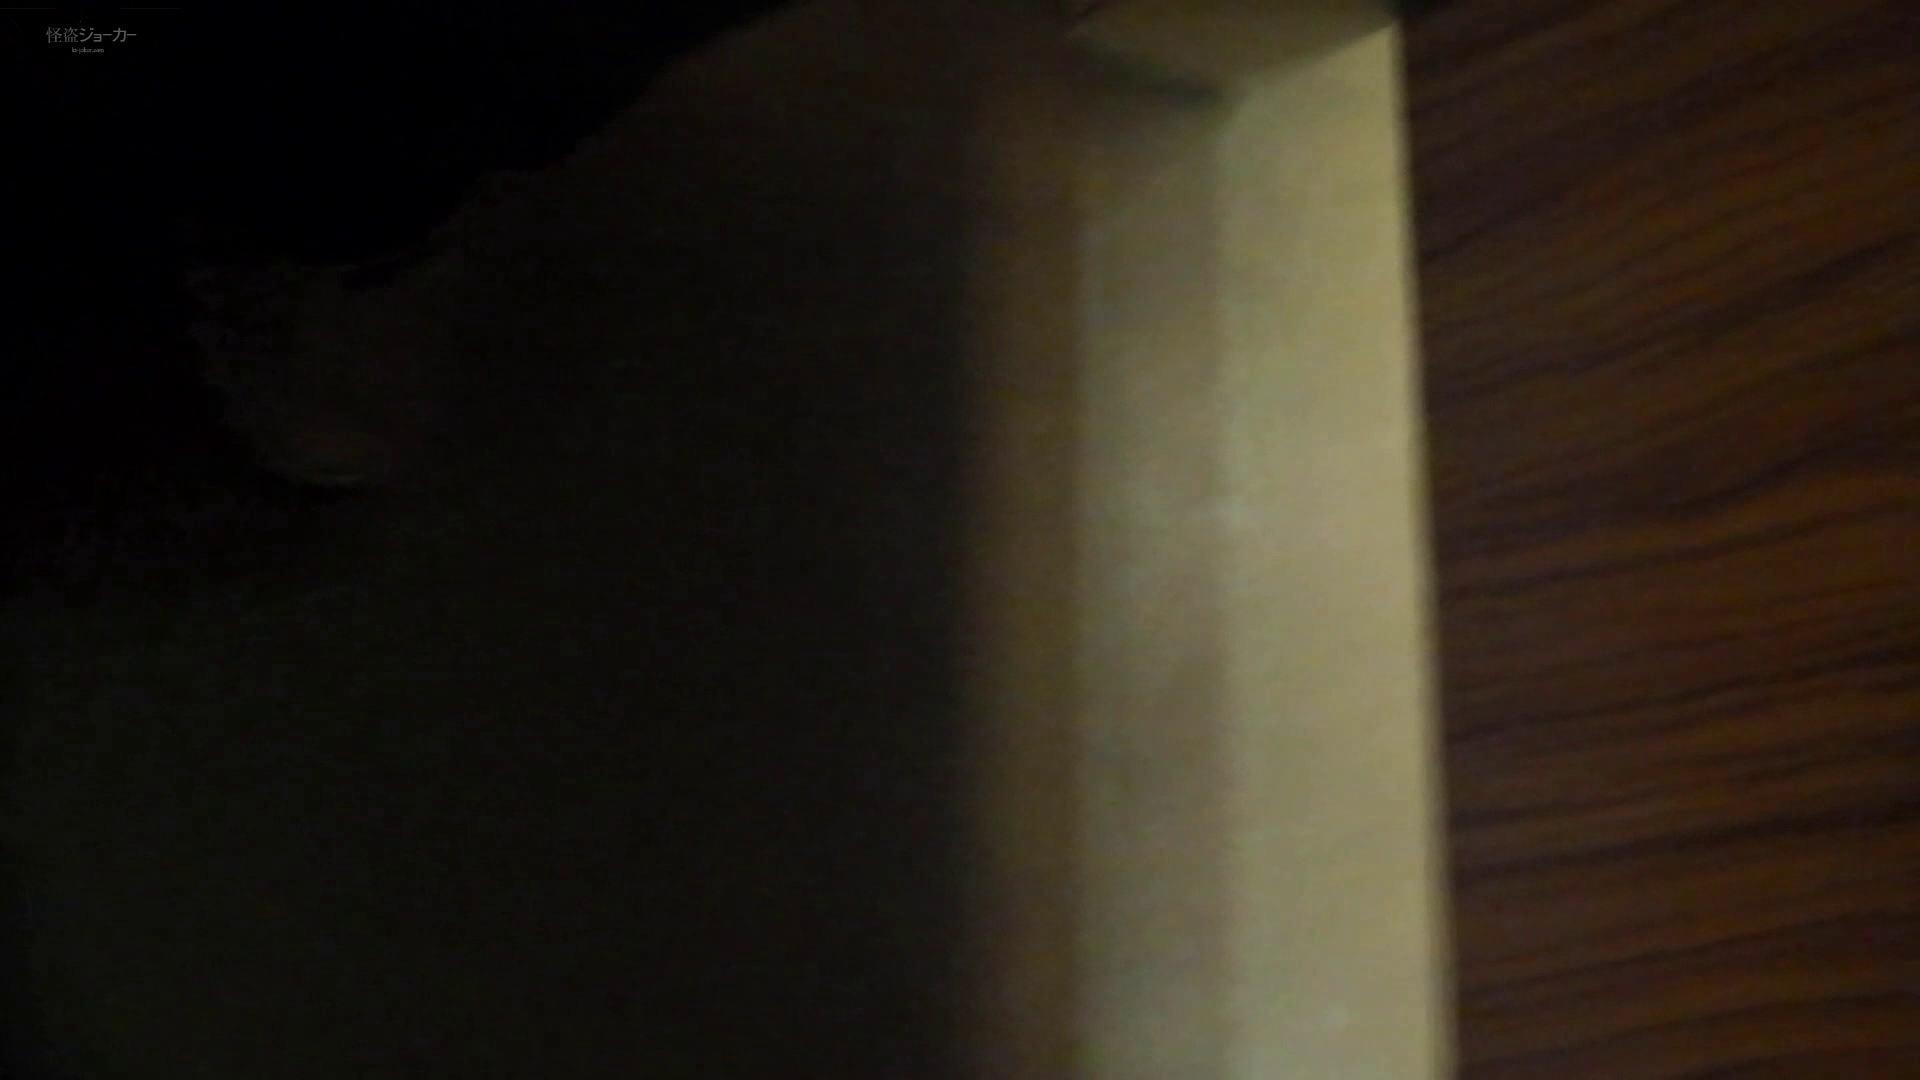 和式洋式七変化 Vol.28 綺麗に撮れました。(ー_ー)!! 盛合せ | 高画質動画  67画像 50